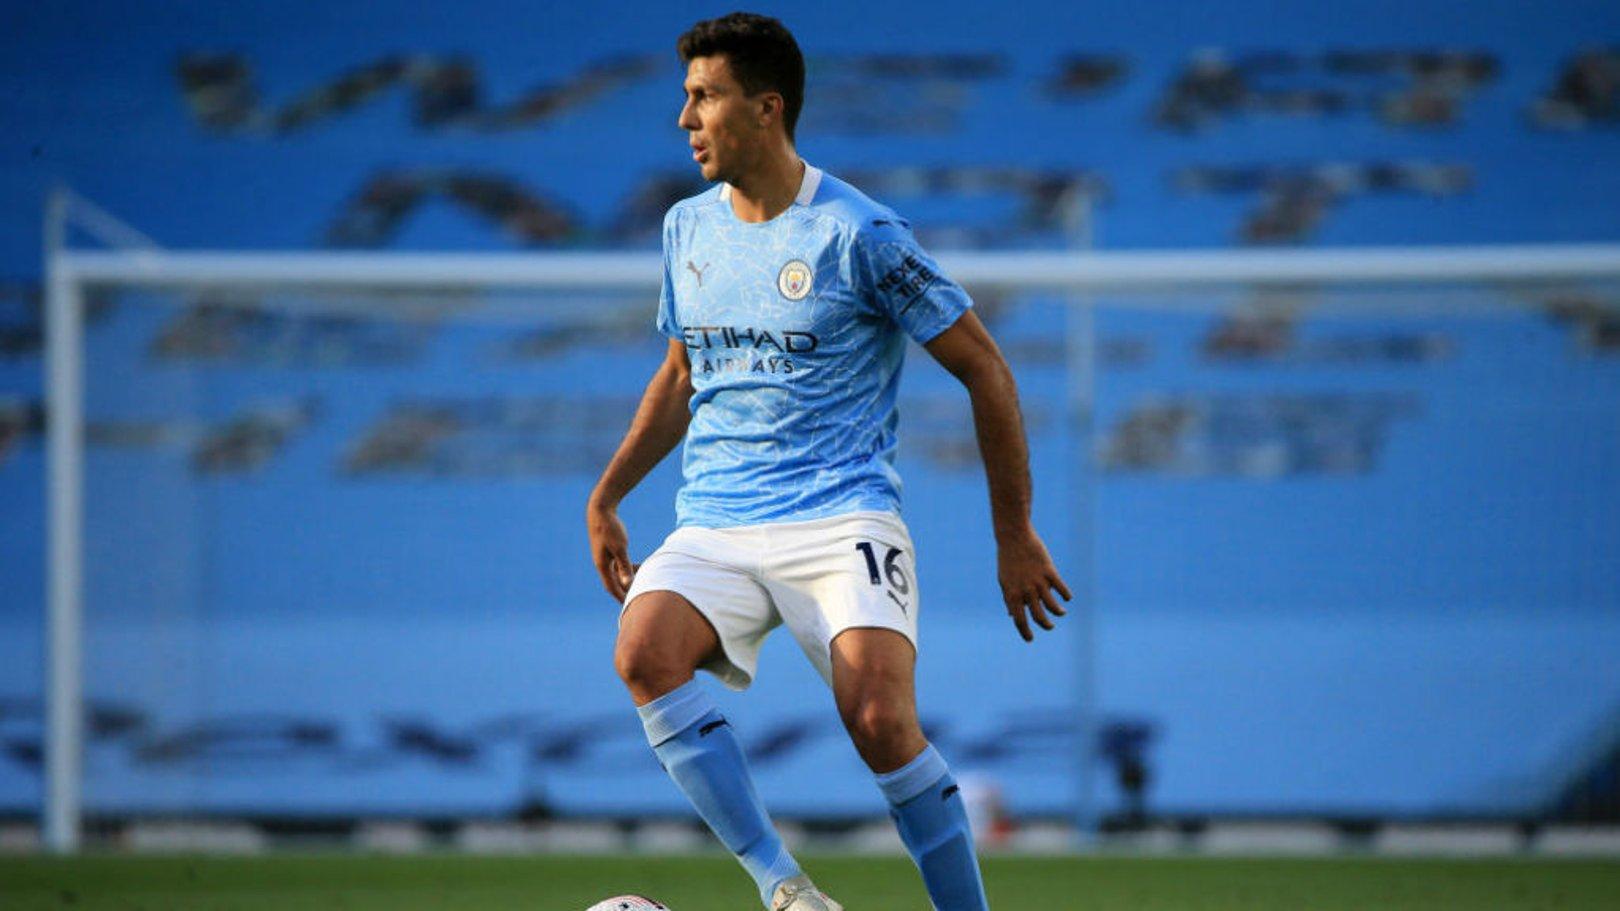 Rodrigo calls for calm ahead of Dortmund showdown